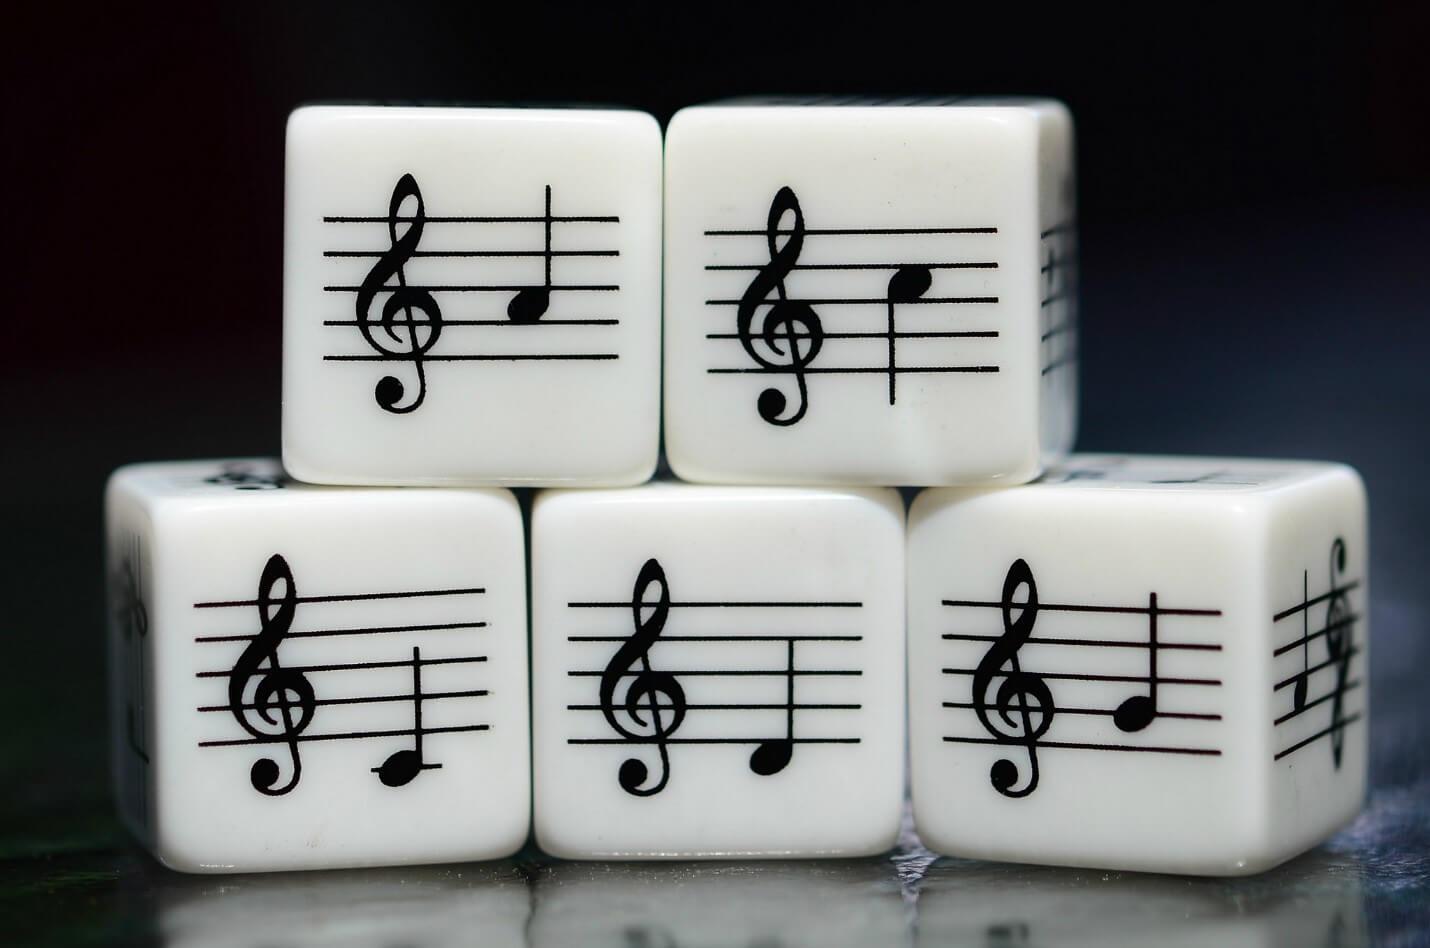 Как звуки и музыка делают видеоигры «живыми» - 1